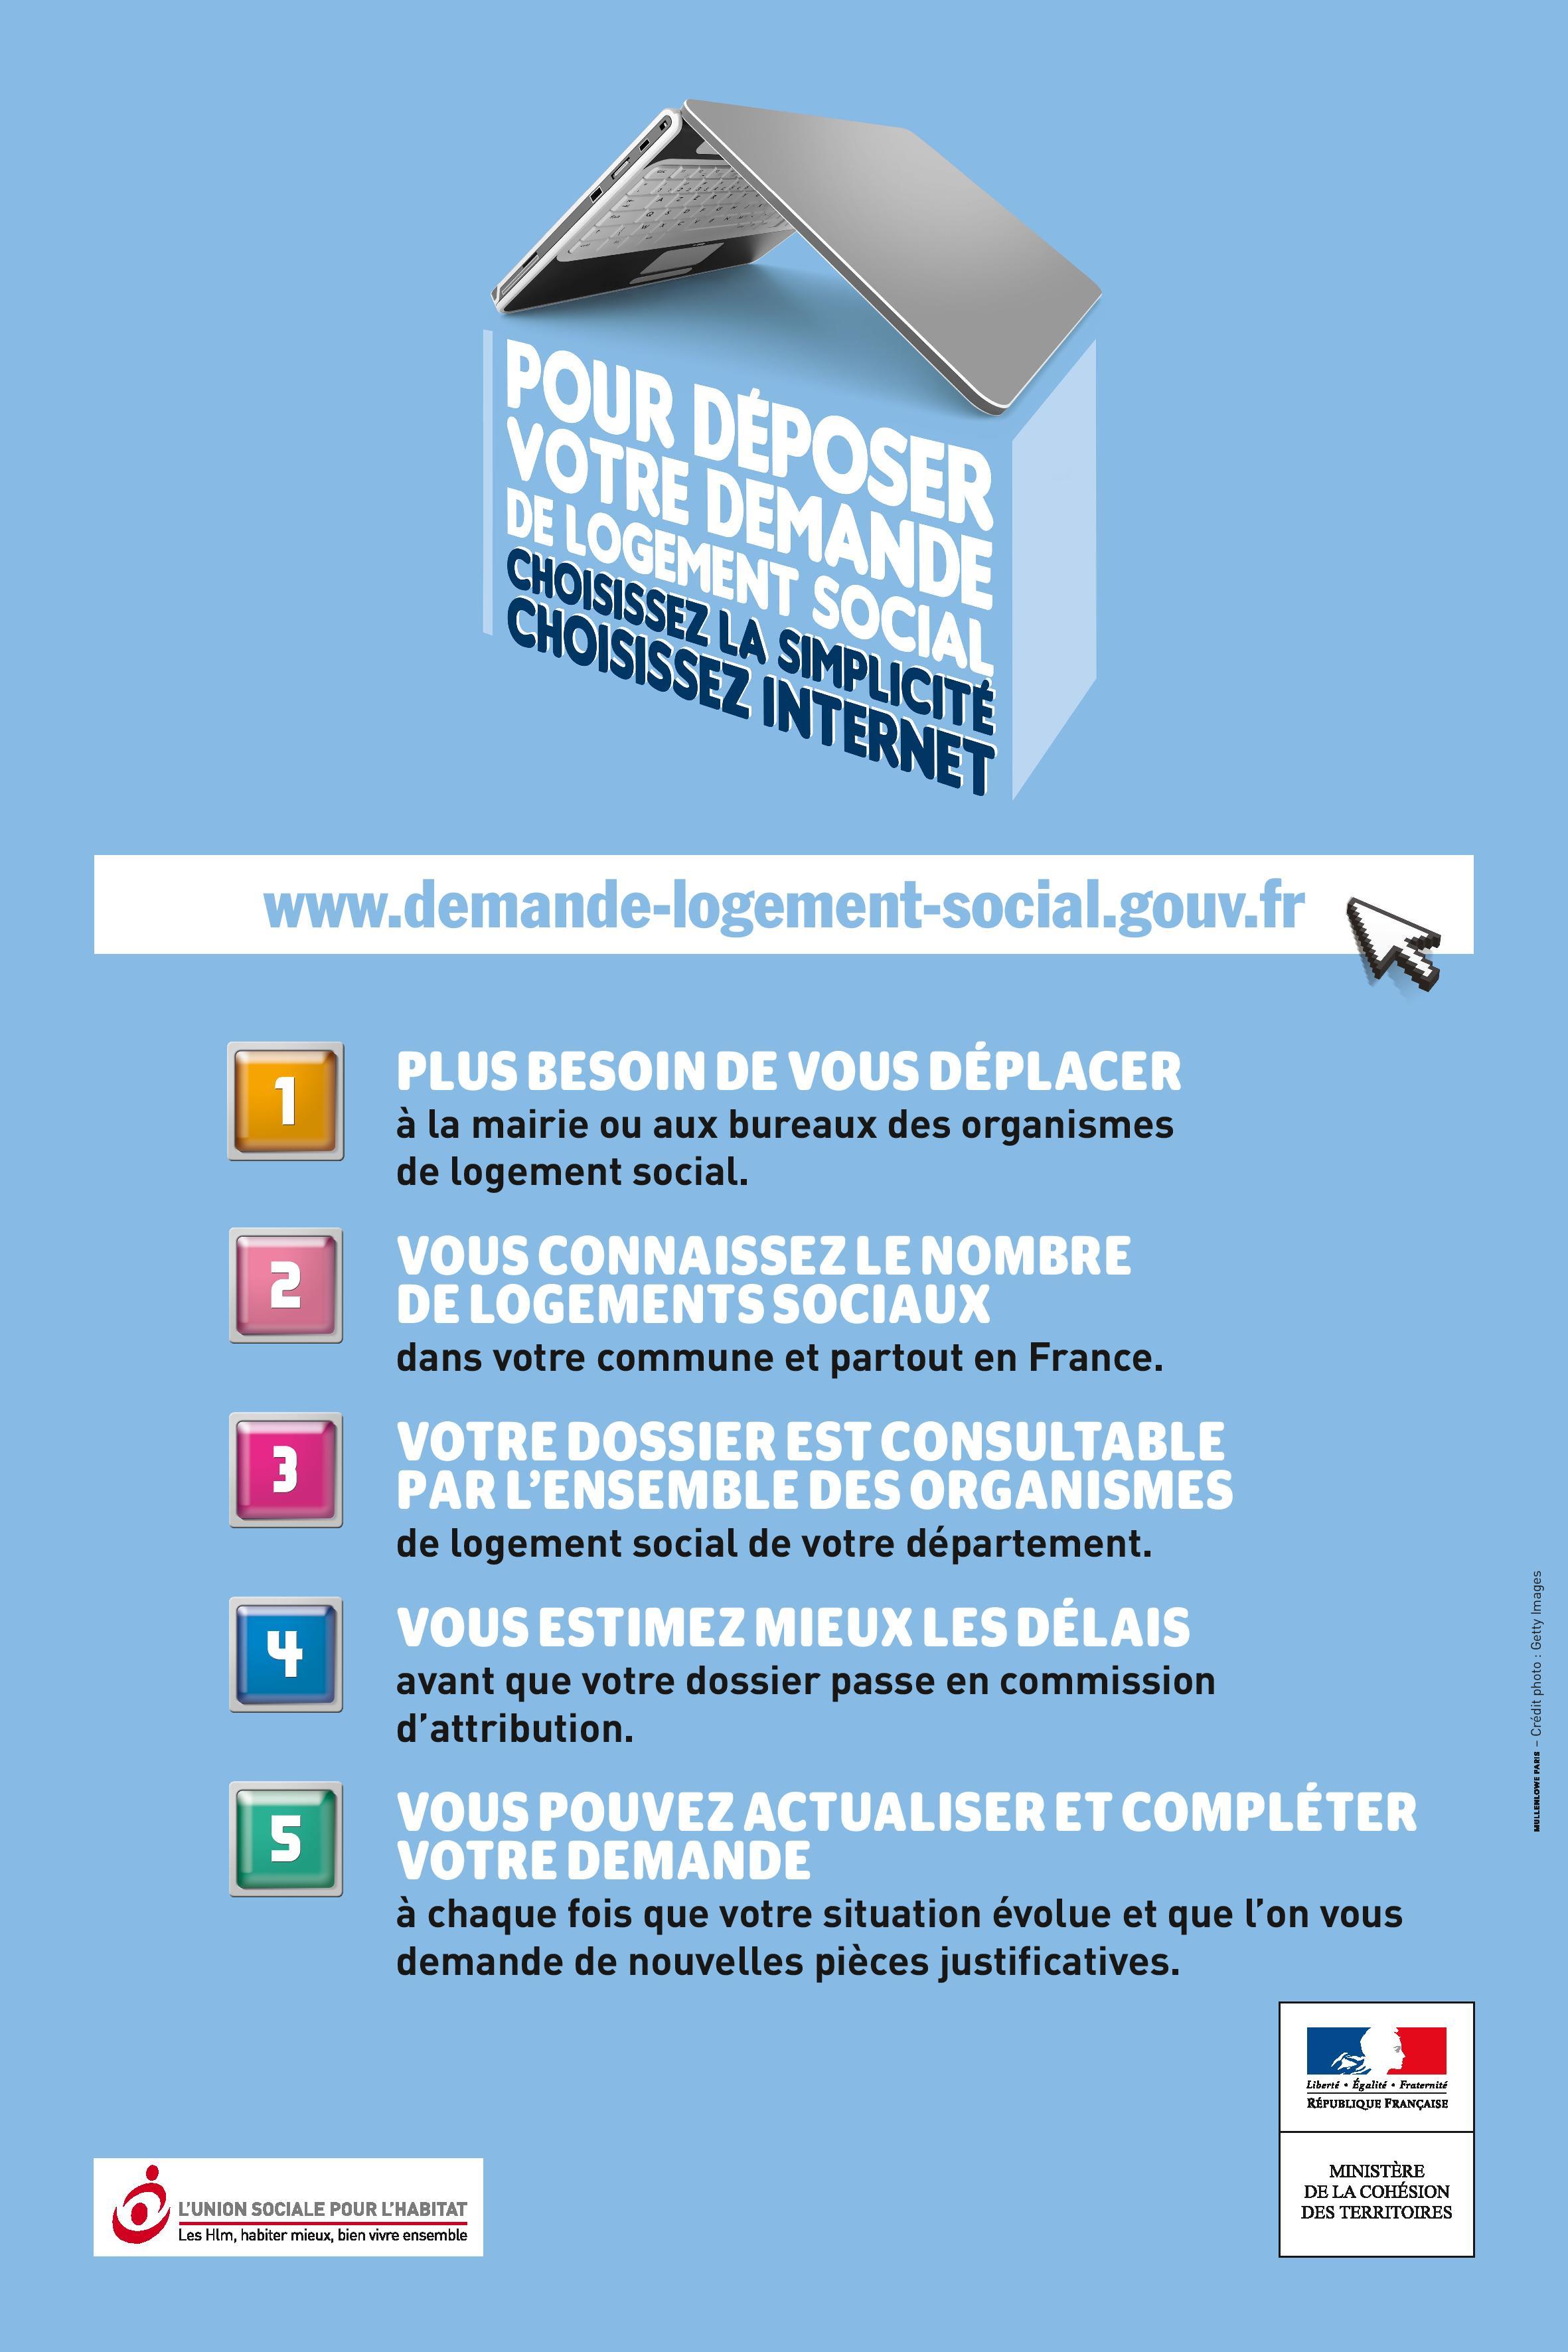 Social Solidarité Mairie Les Contamines Montjoie